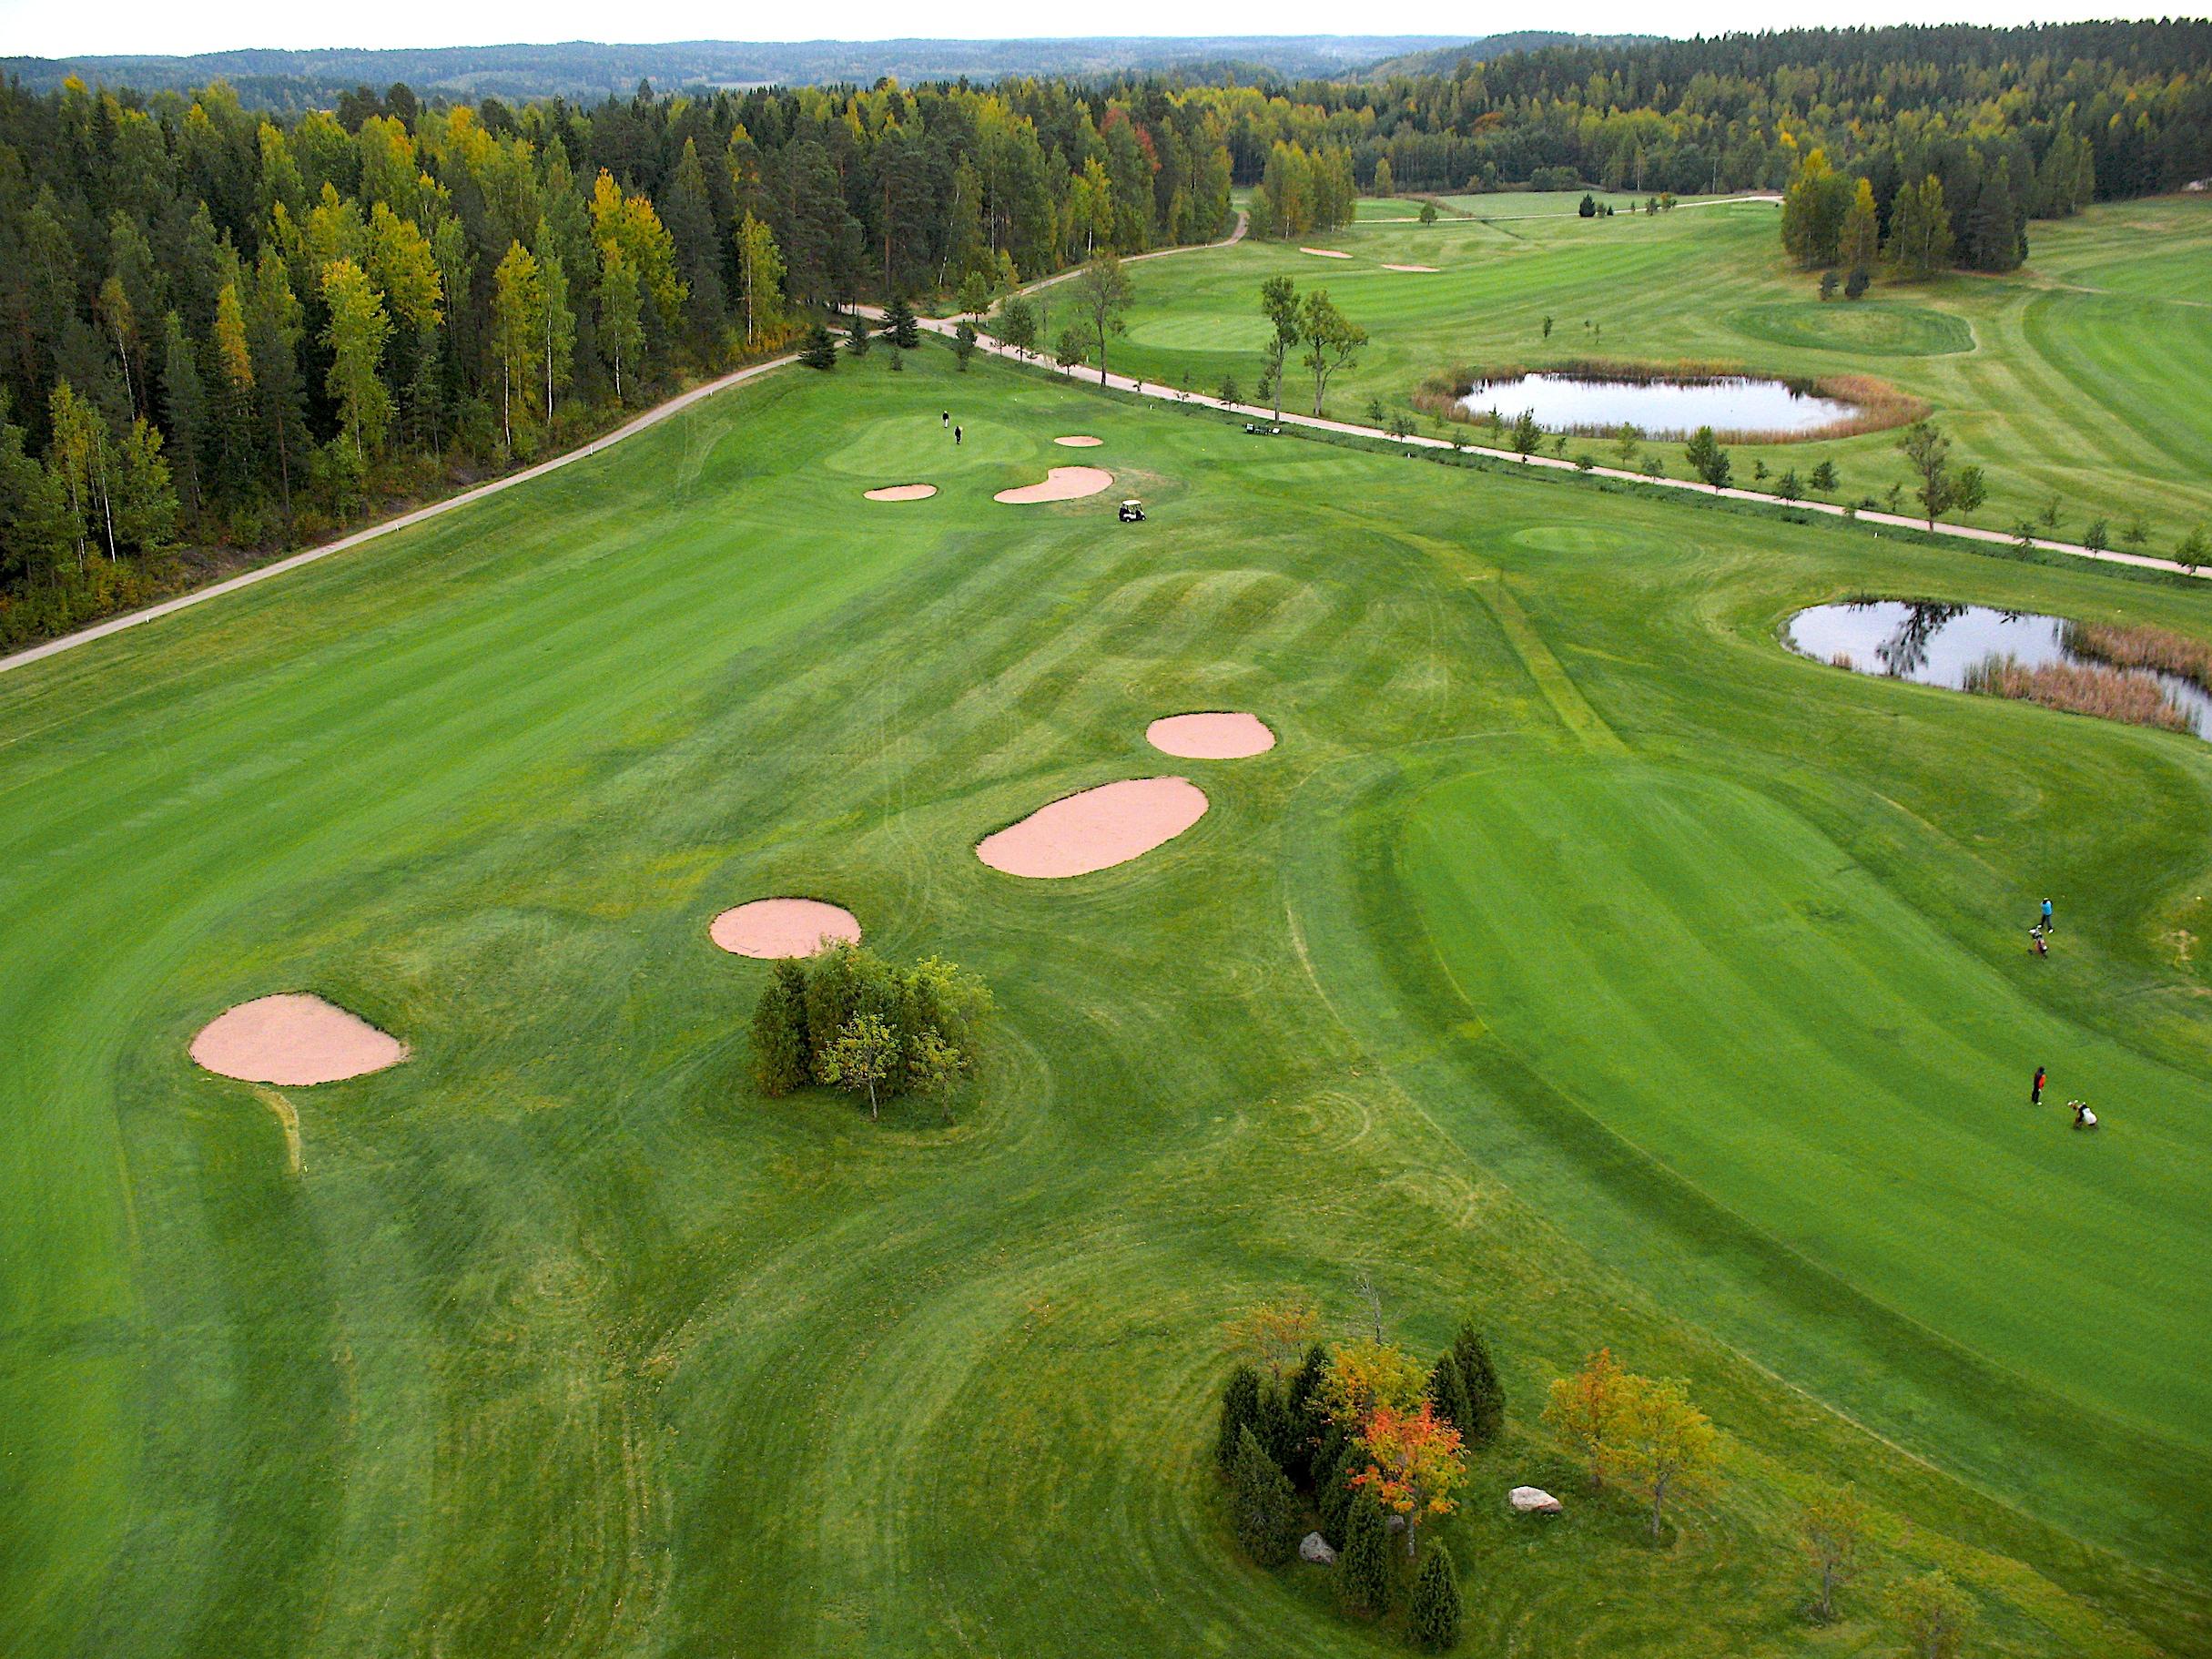 wiurila-golf-course